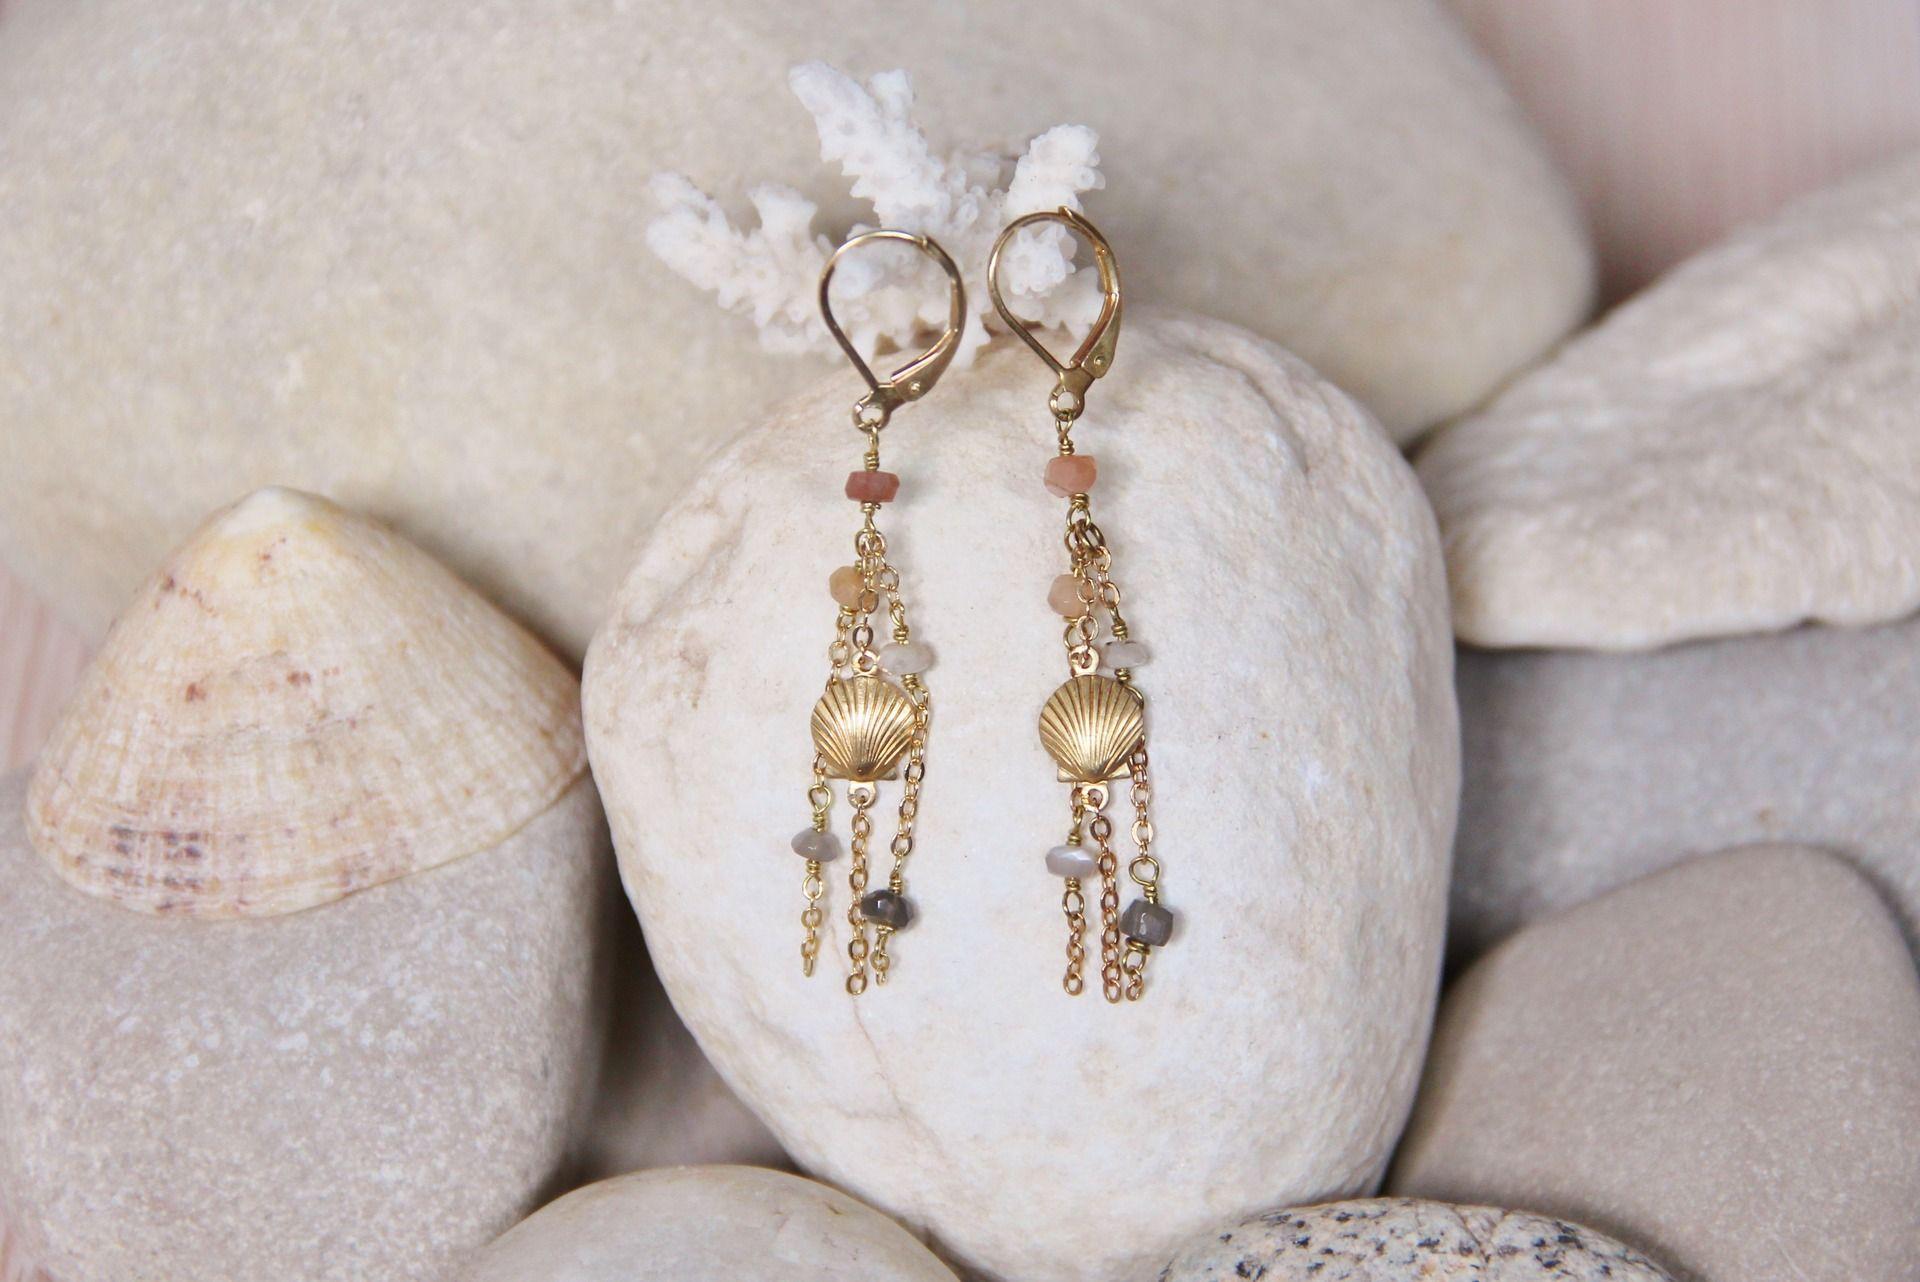 Myo jewel, Boucles d'oreilles coquillages en Pierres de Lune nude, blanc, gris et laiton brut (doré) / Moonstone with raw brass shell earrings